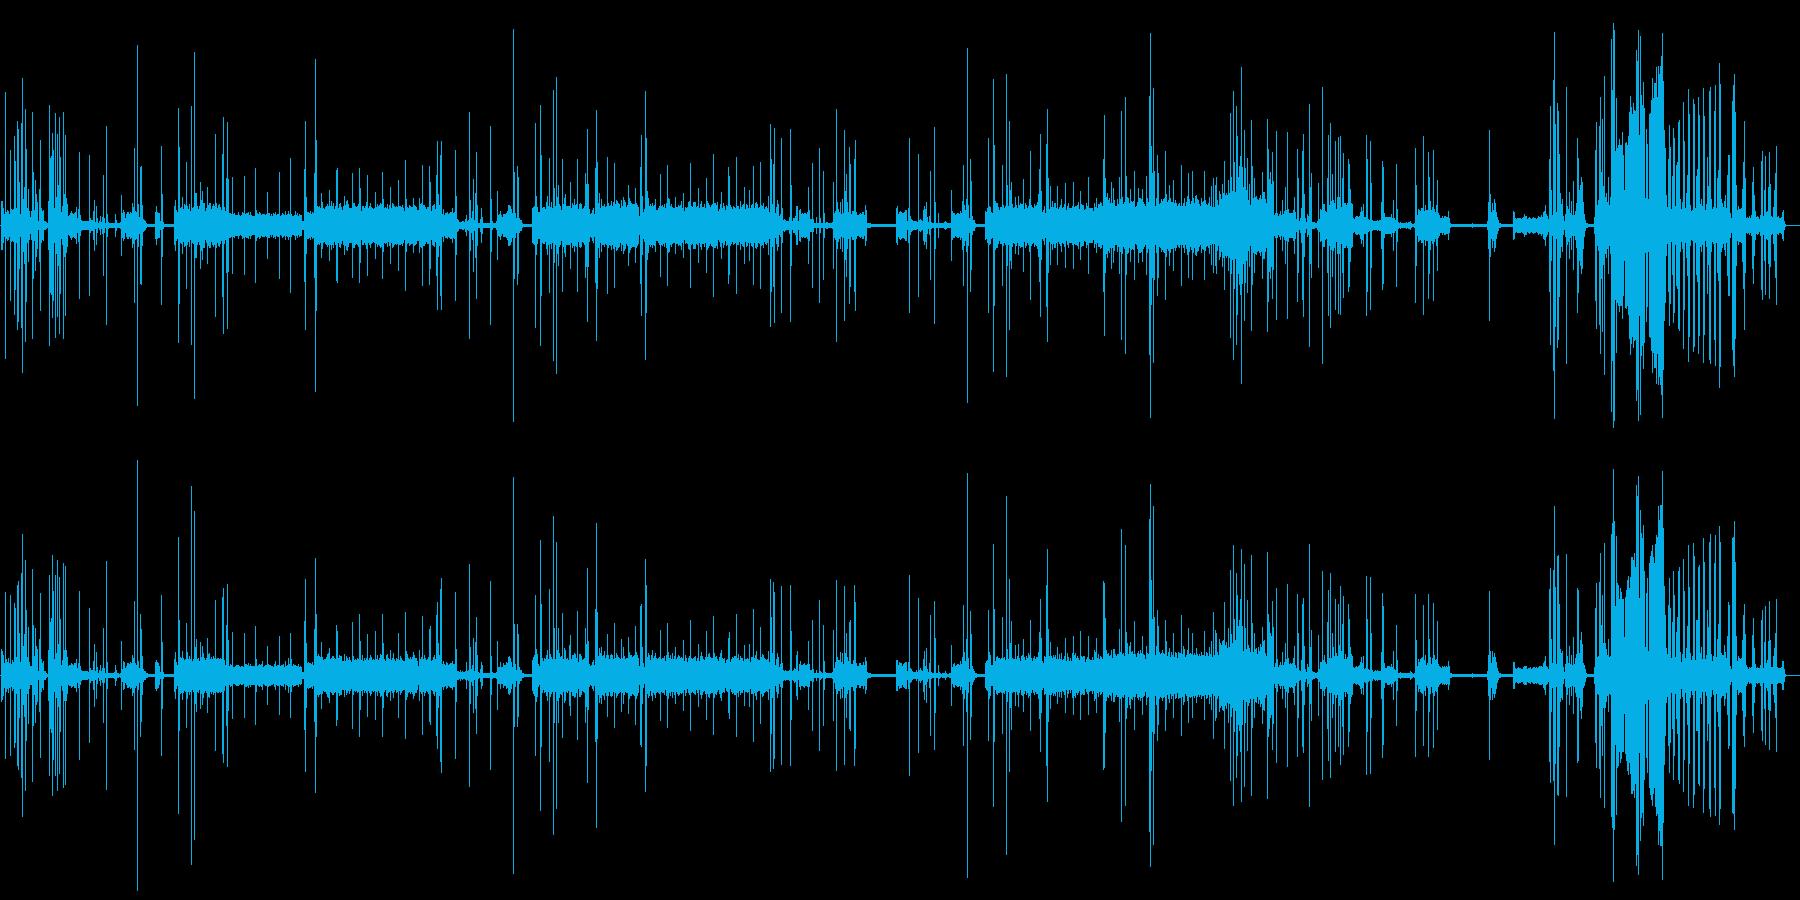 【生録音】家庭用プリンター03ロングの再生済みの波形